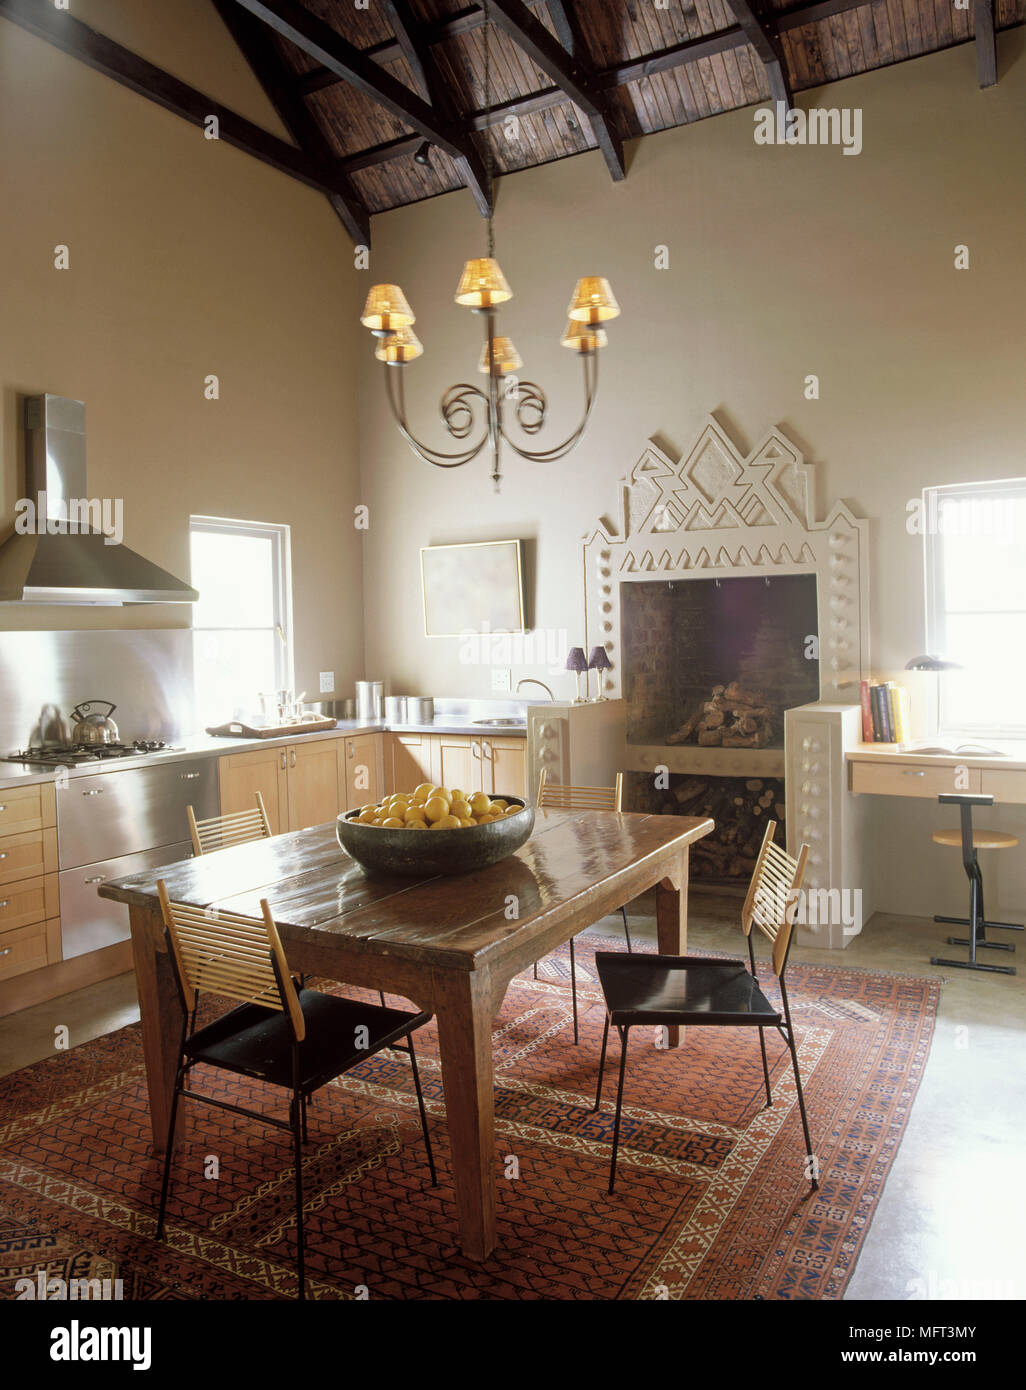 Cocina del país unidades de madera mesa de comedor sillas alfombra ...